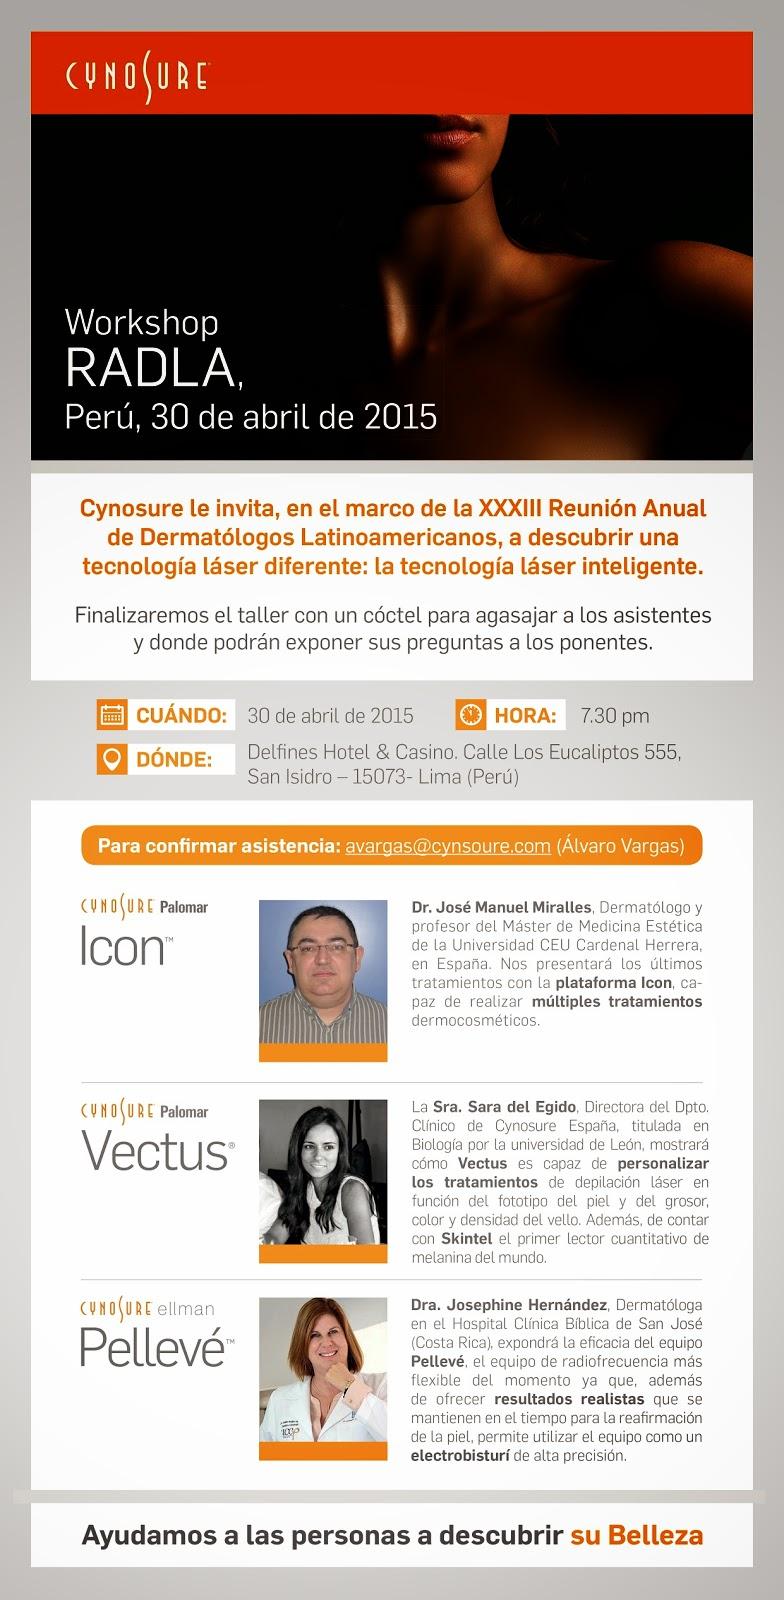 RADLA-2015-dermatologia-Miralles-Sara-del-Egido-Cynosure-Spain